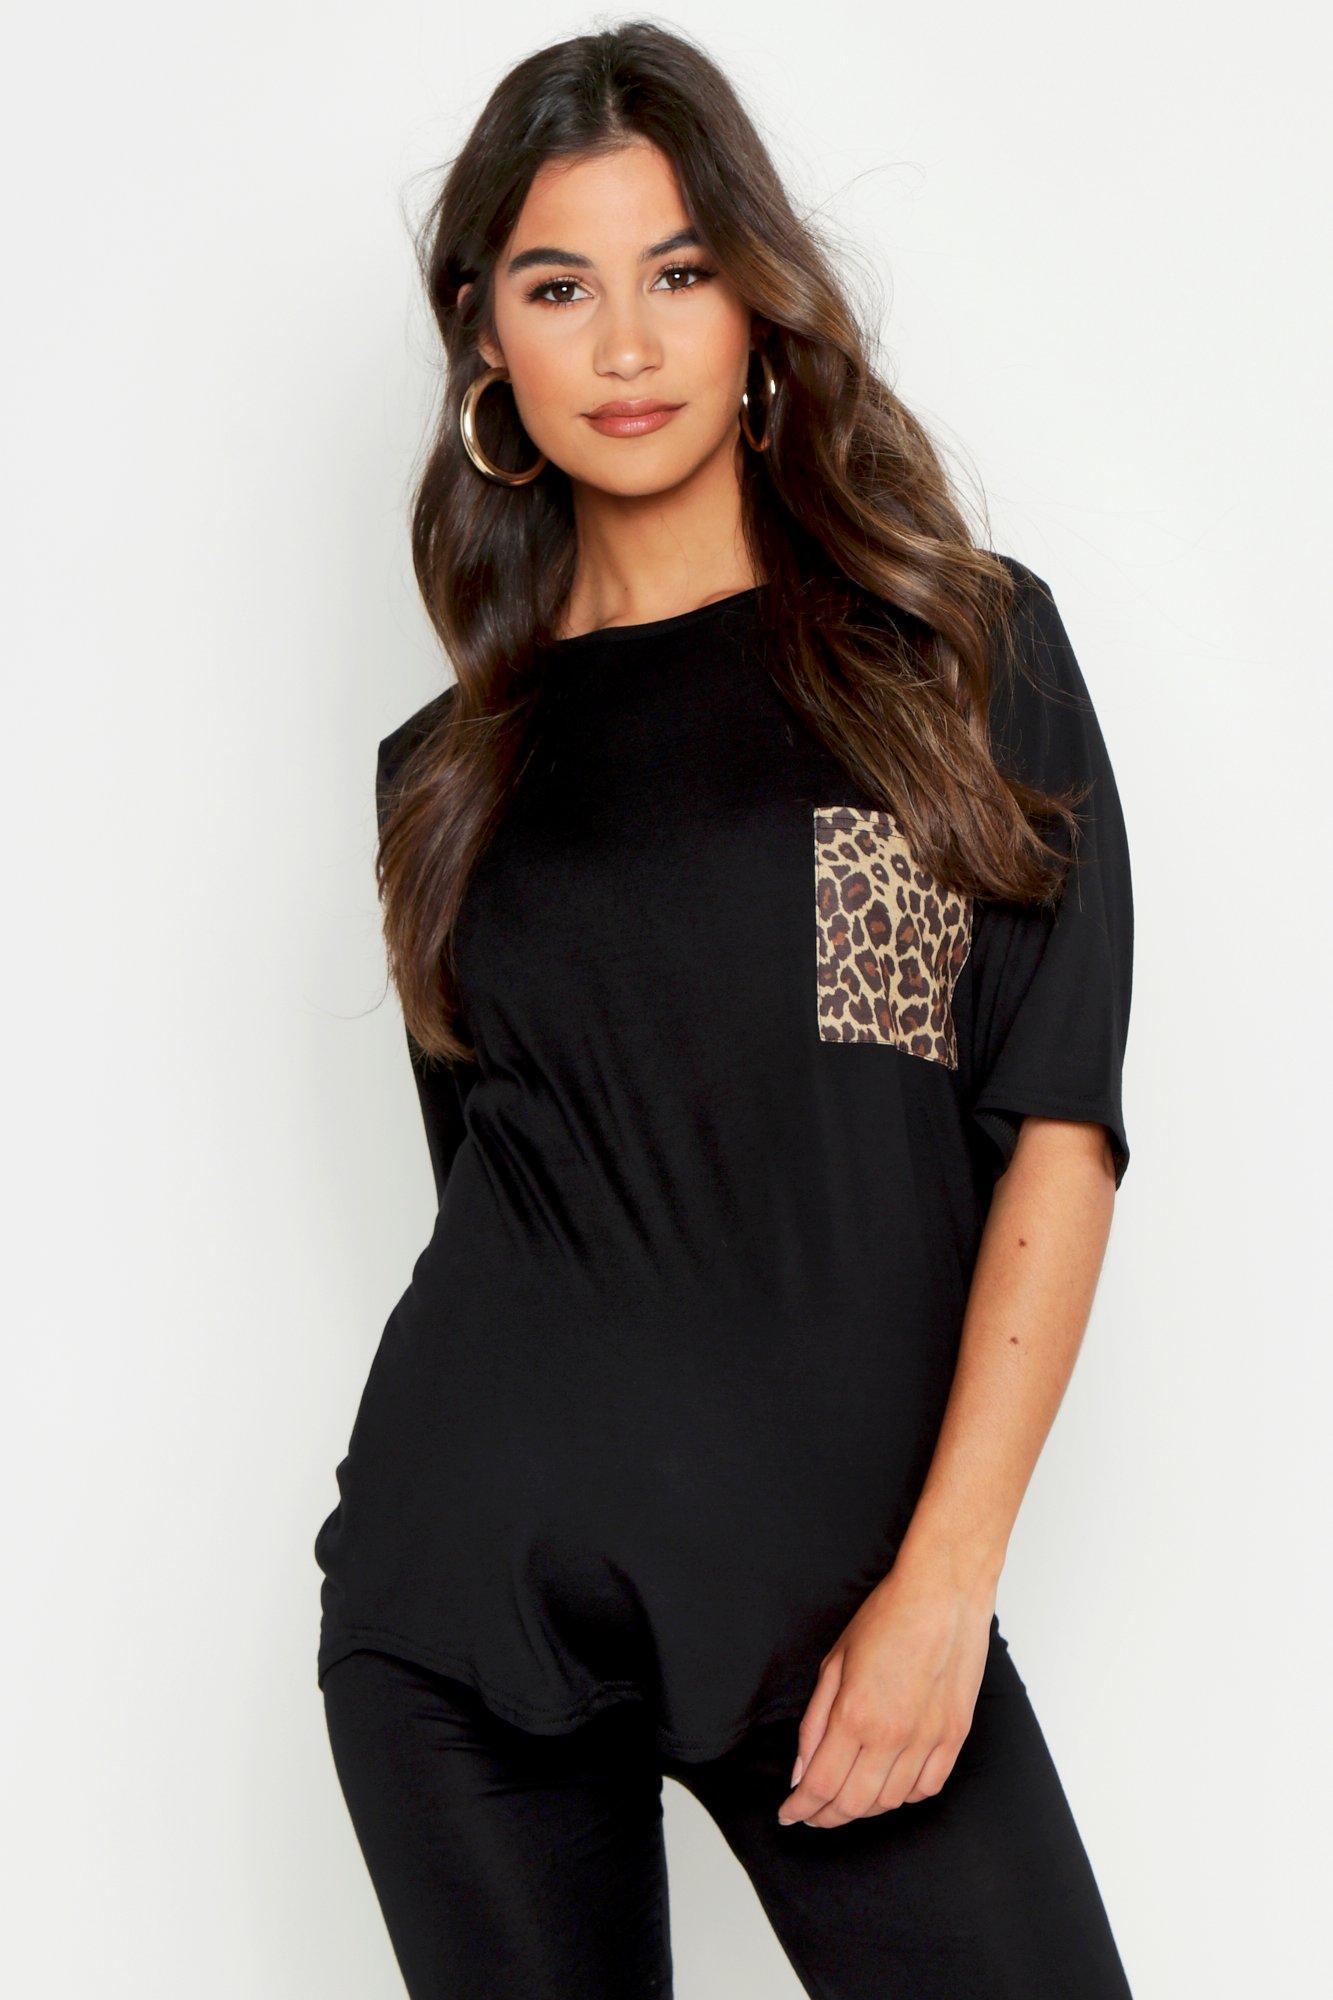 Womens Umstandsmode T-Shirt mit Tasche in Leoparden-Print - schwarz - 36, Schwarz - Boohoo.com